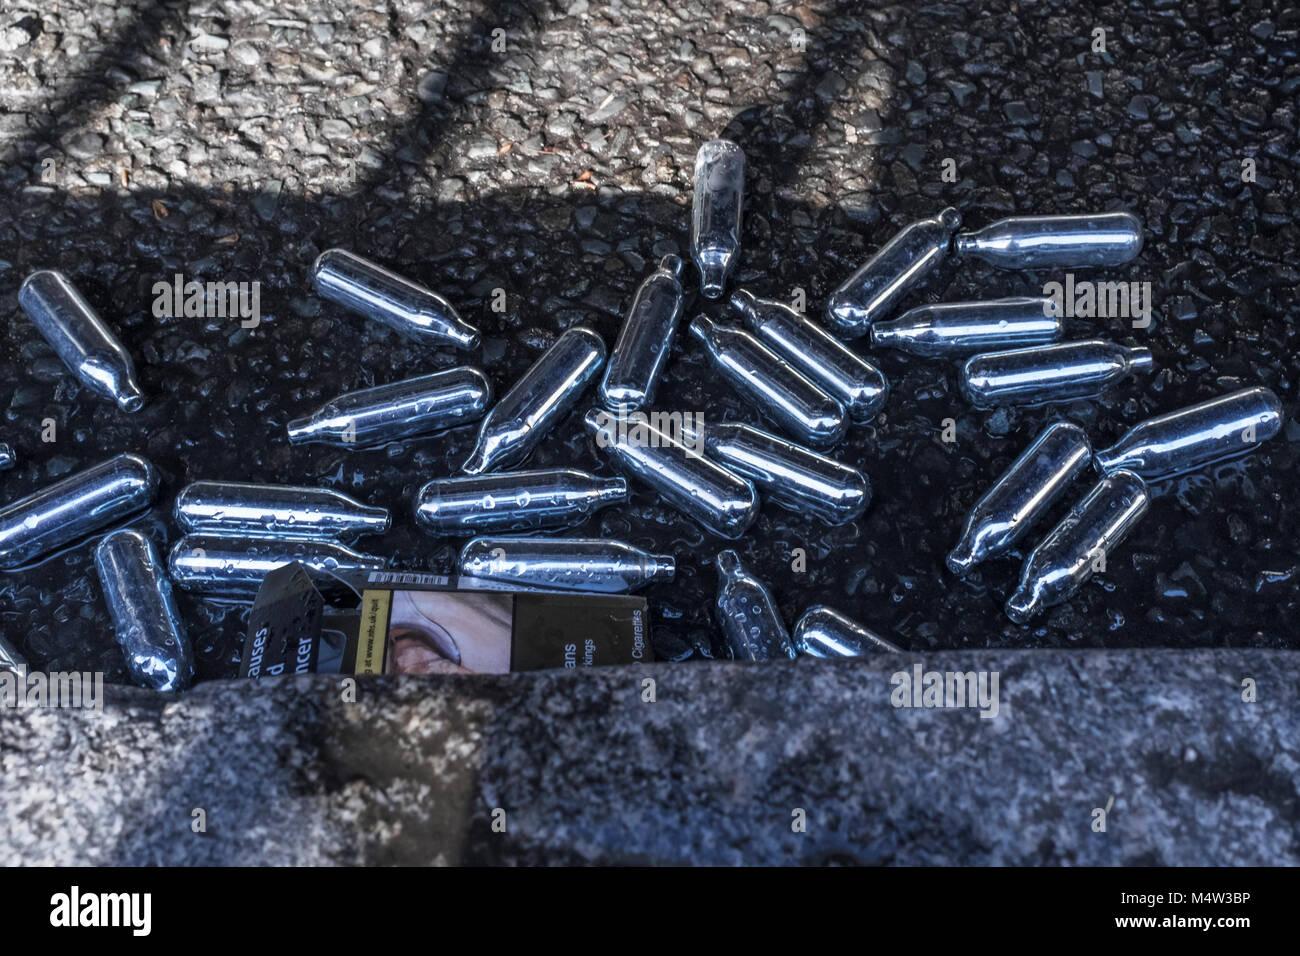 Cartouches d'oxyde nitreux jetés dans Street, London, UK Banque D'Images